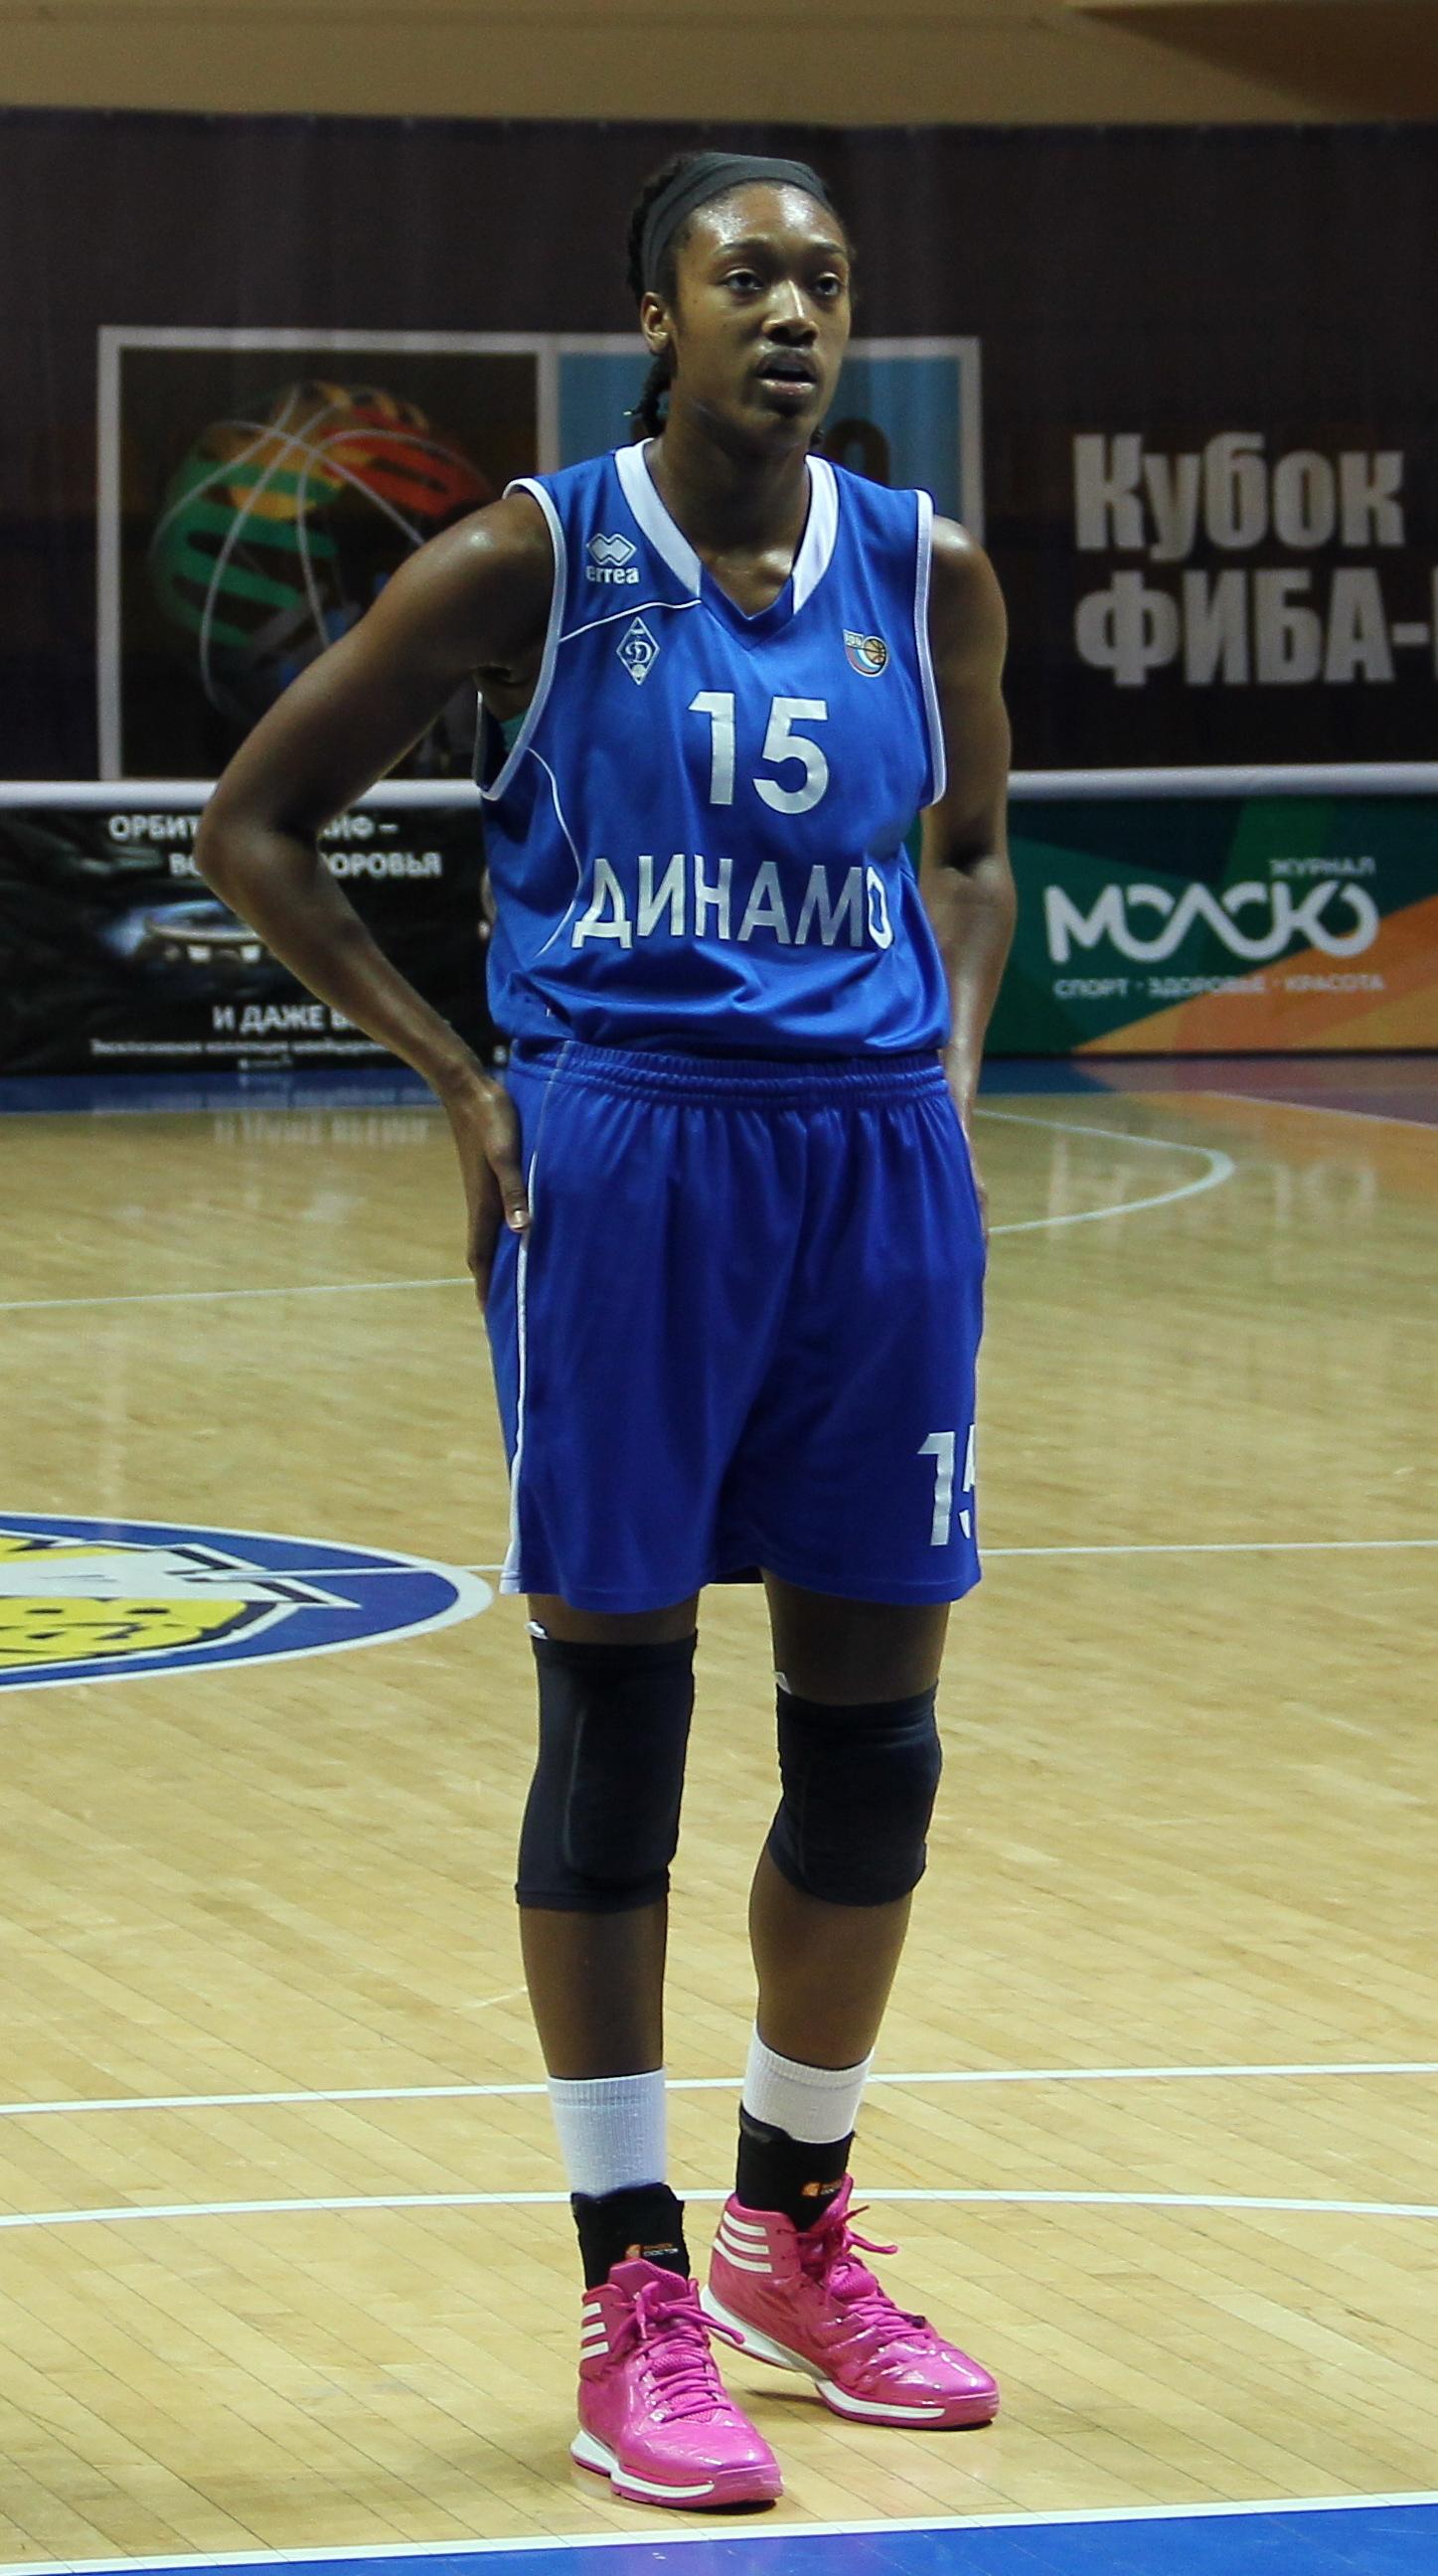 Kayla Alexander Wikipedia